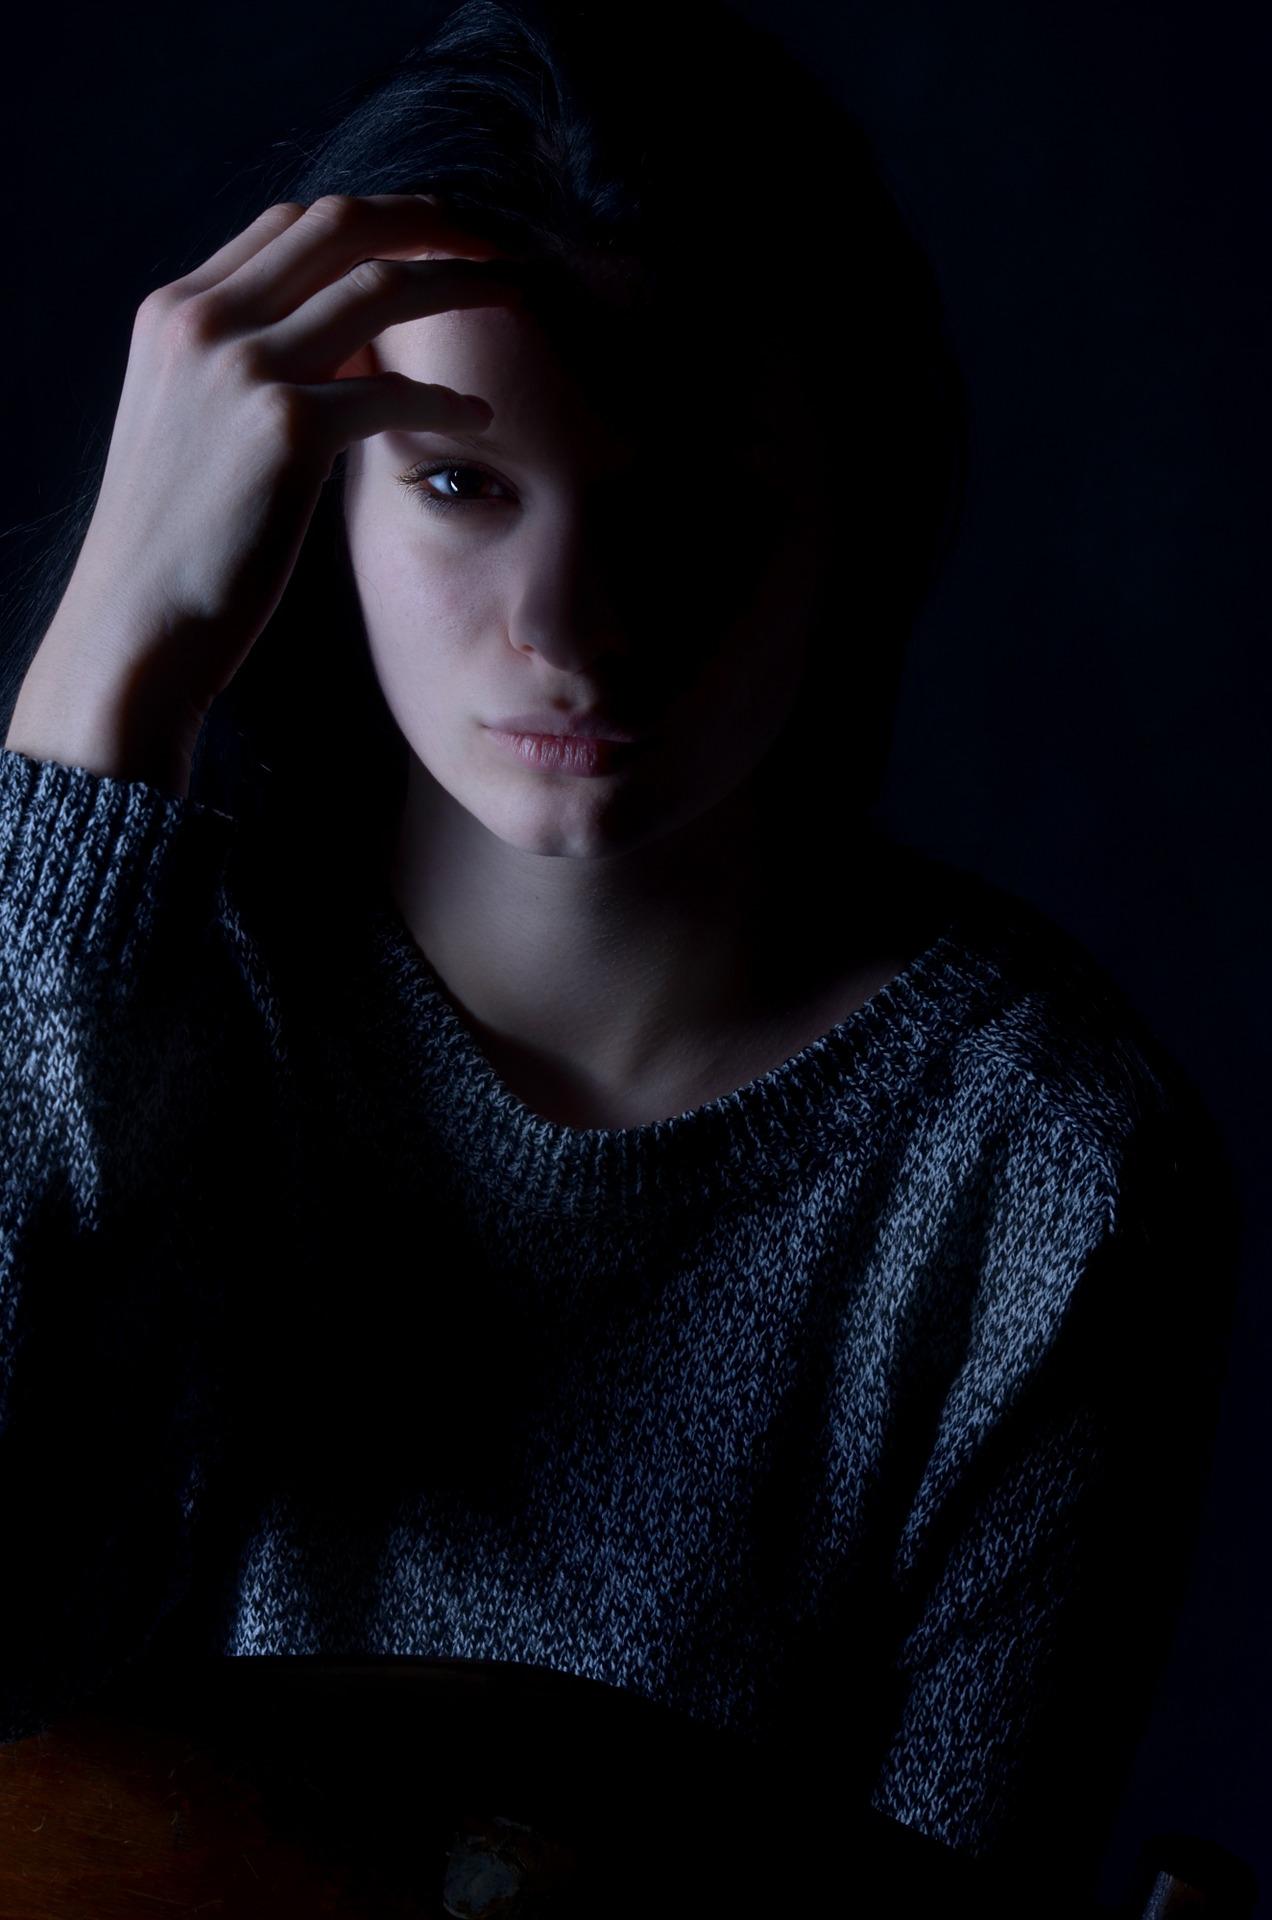 girl-1098610_1920